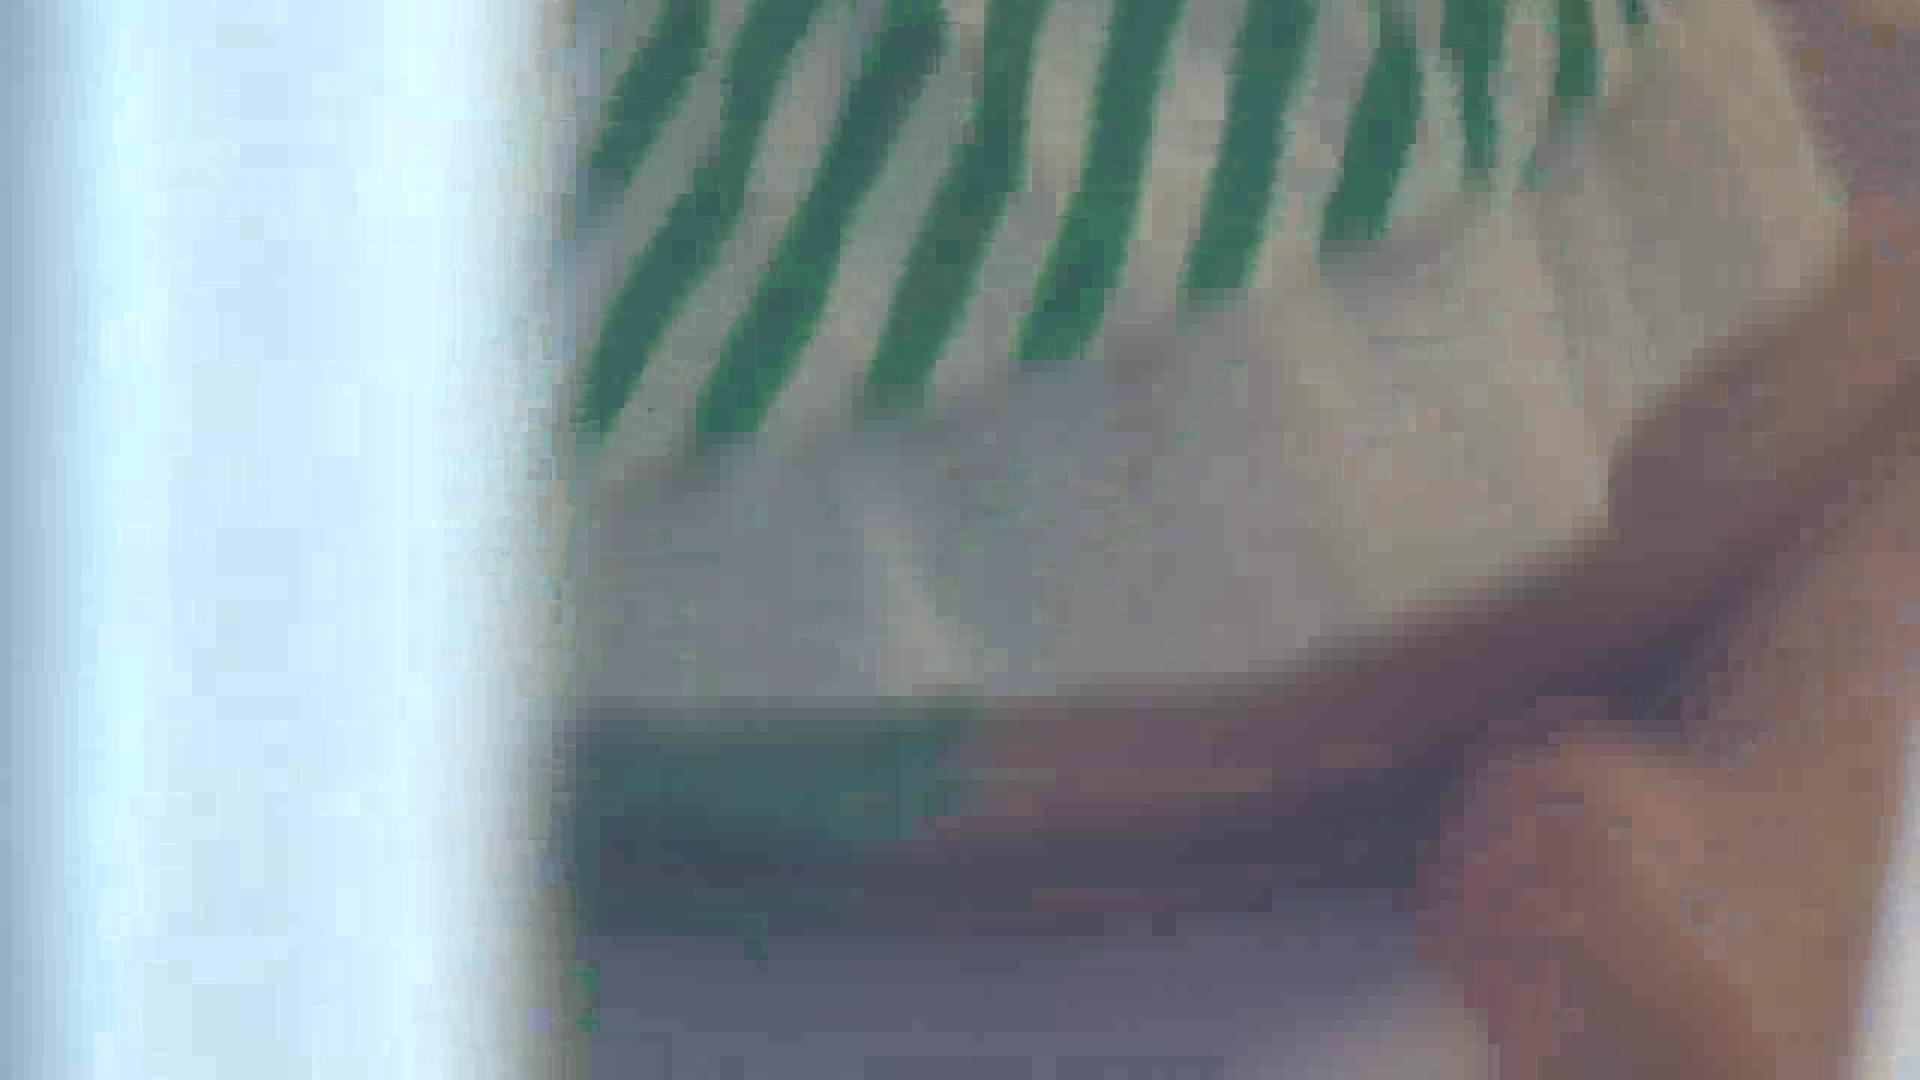 老舗ペンション2代目オーナーが流出したお宝映像Vol.1 覗き ヌード画像 82連発 39